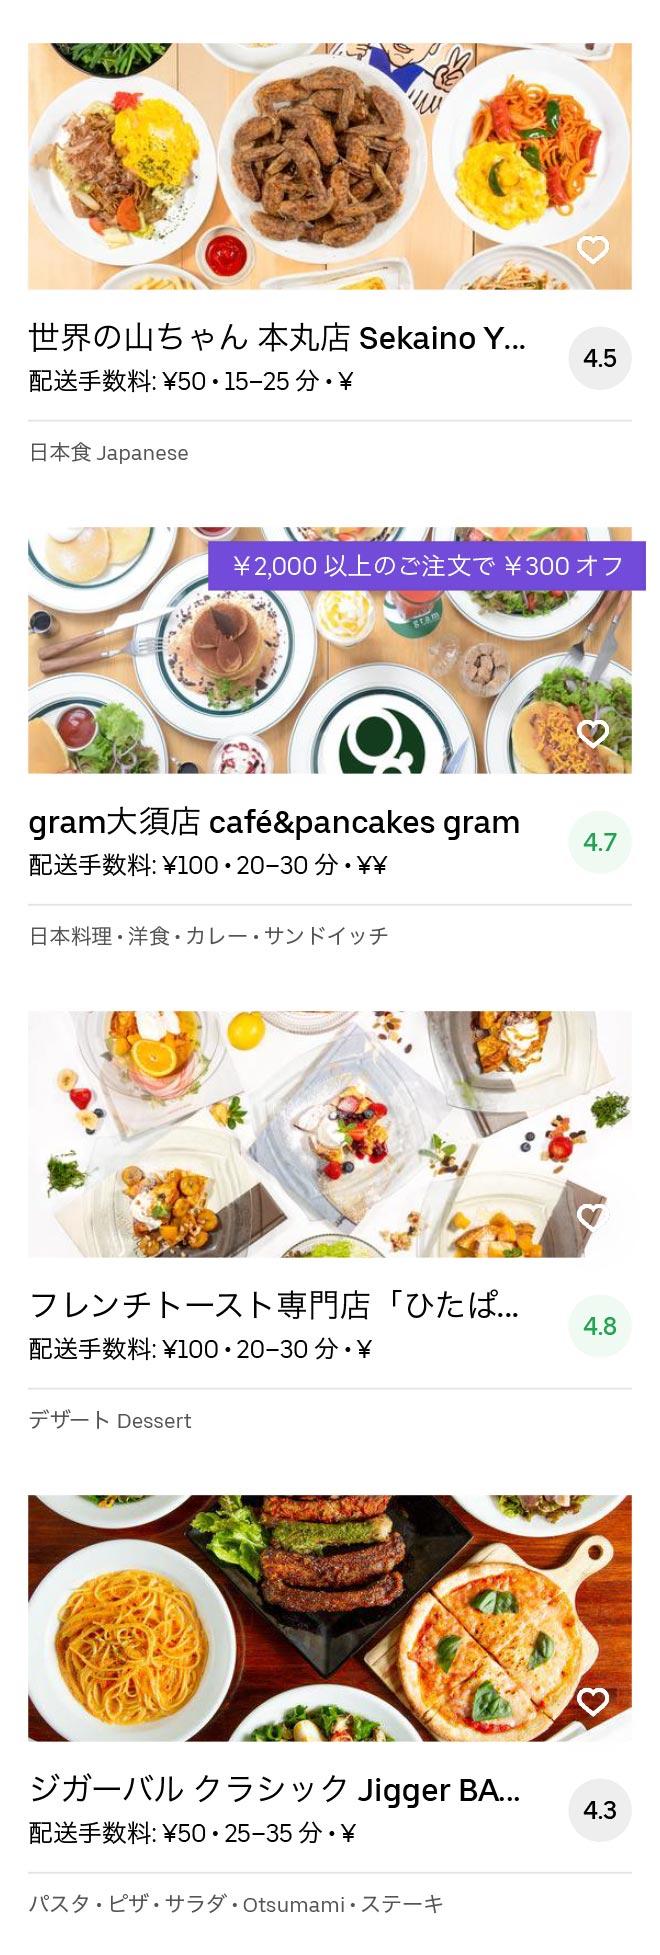 Nagoya sakae menu 2005 06